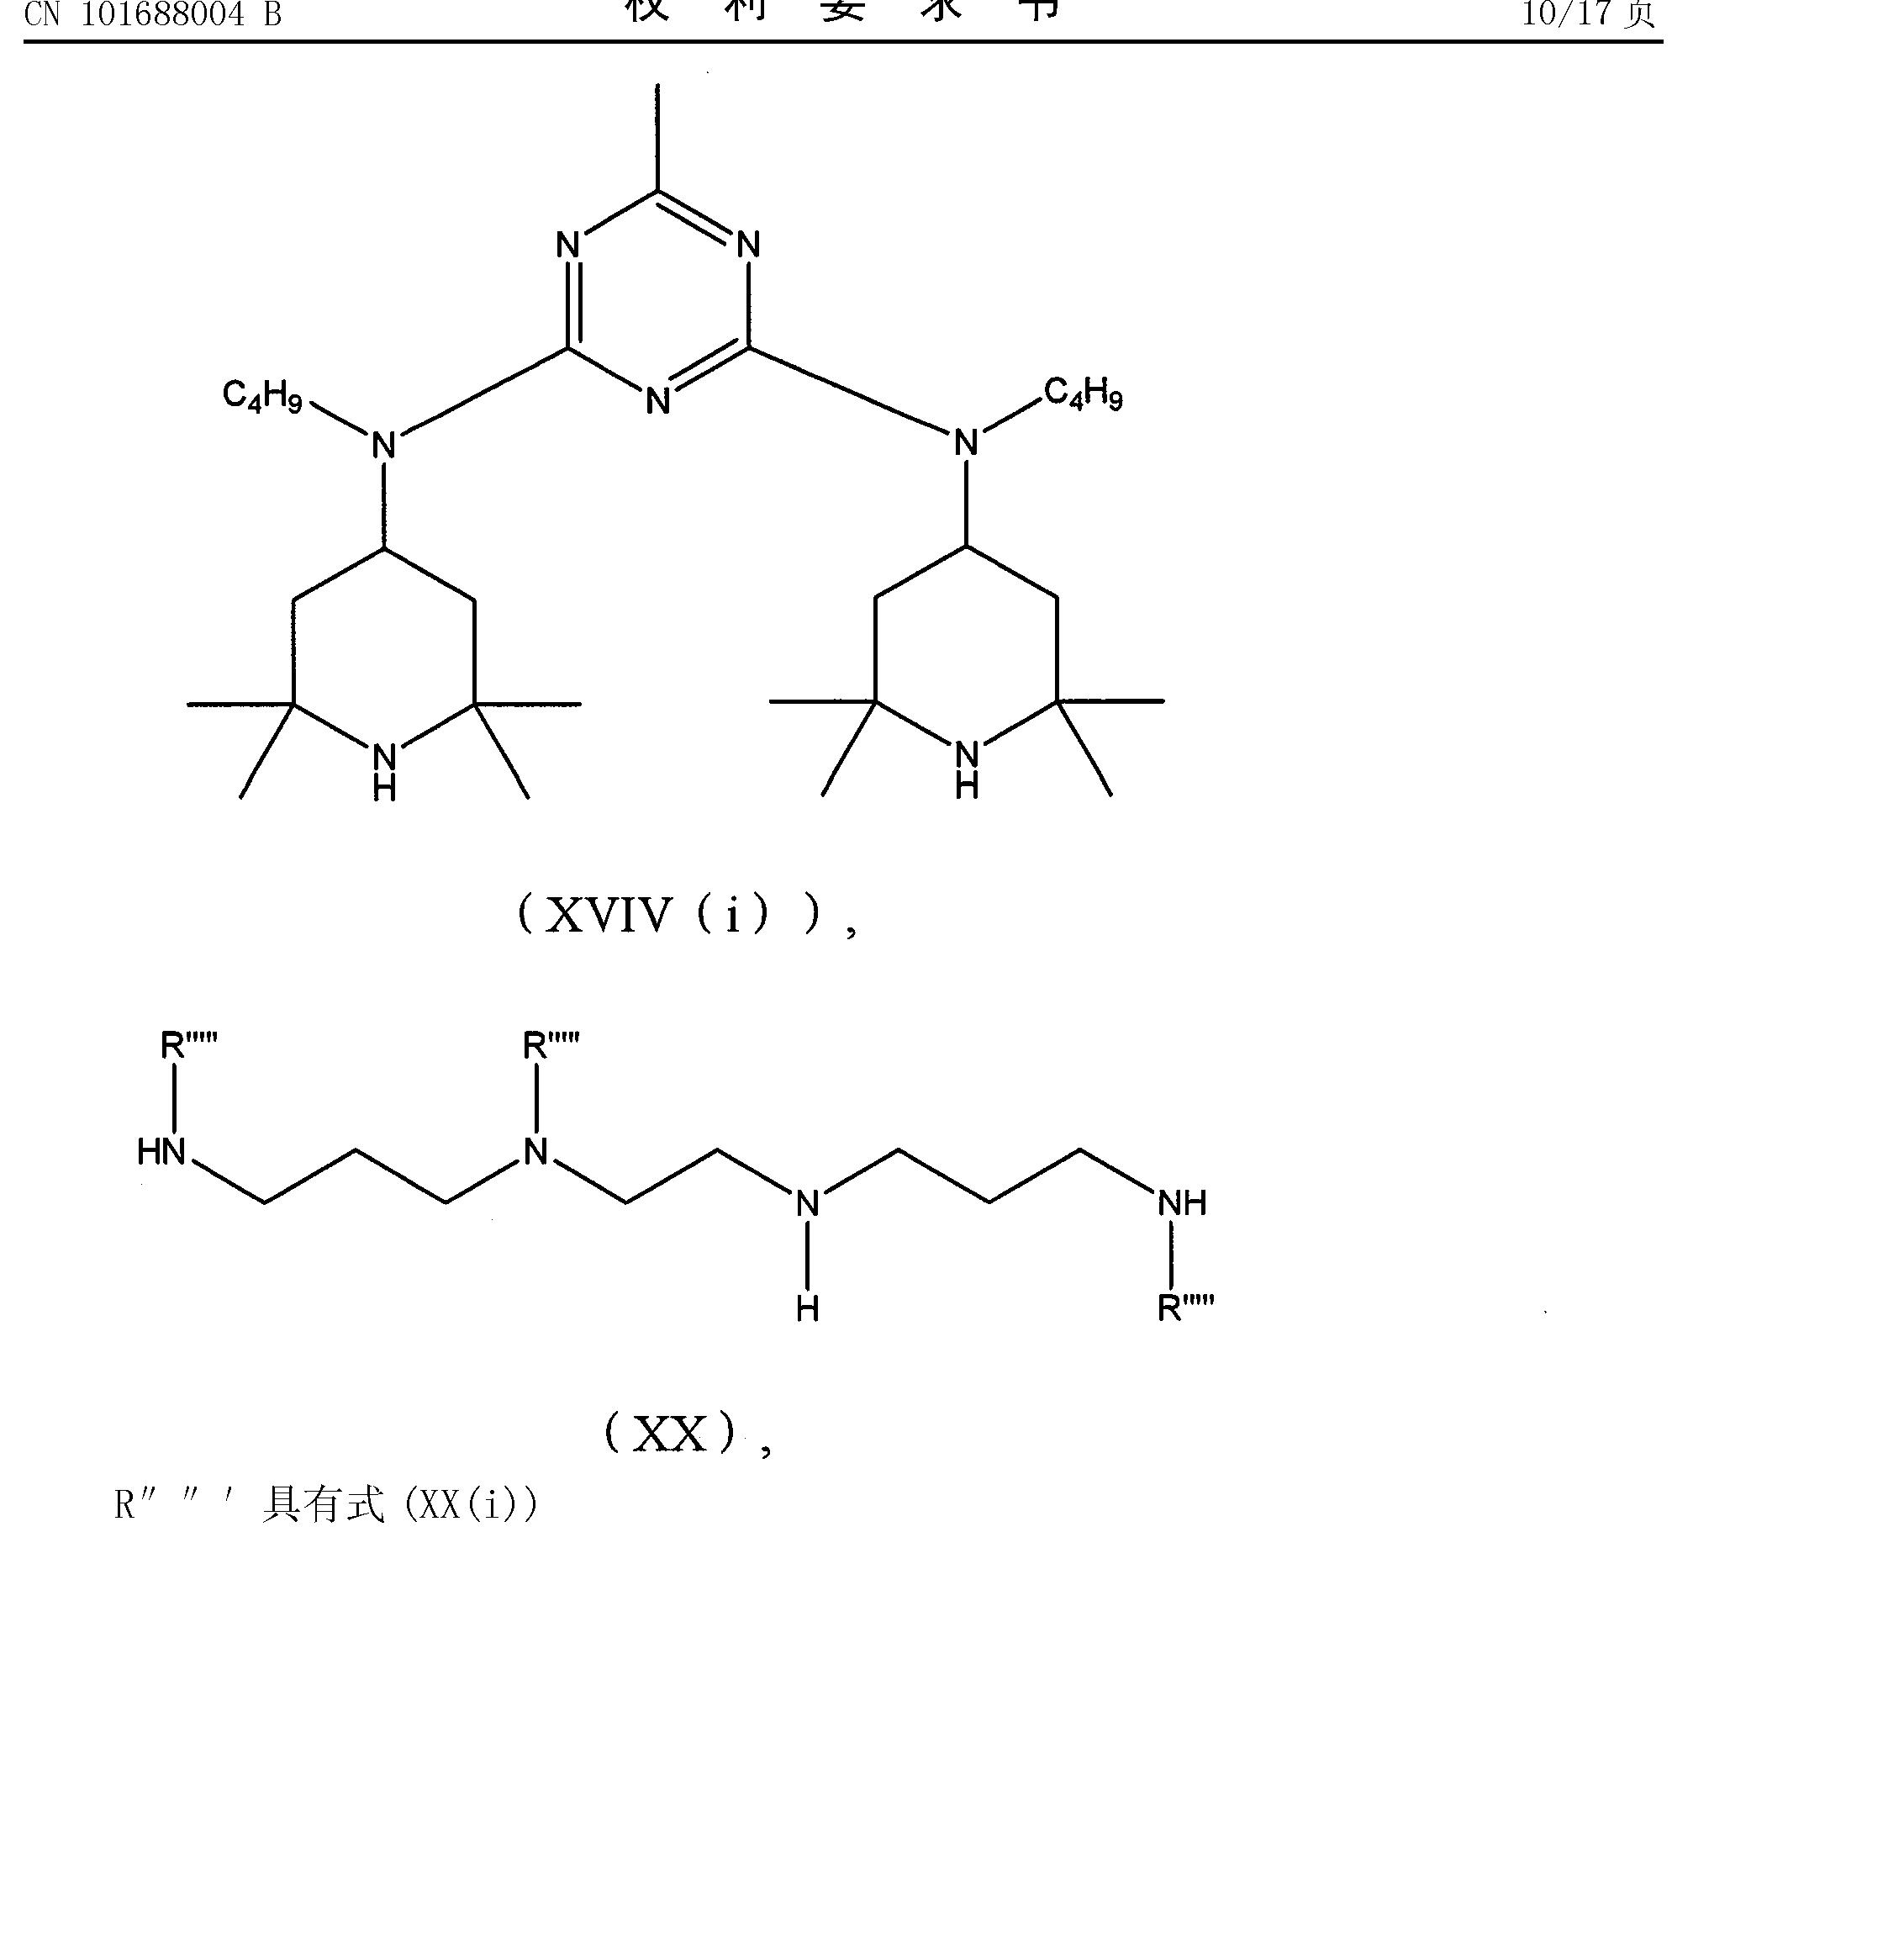 Figure CN101688004BC00111